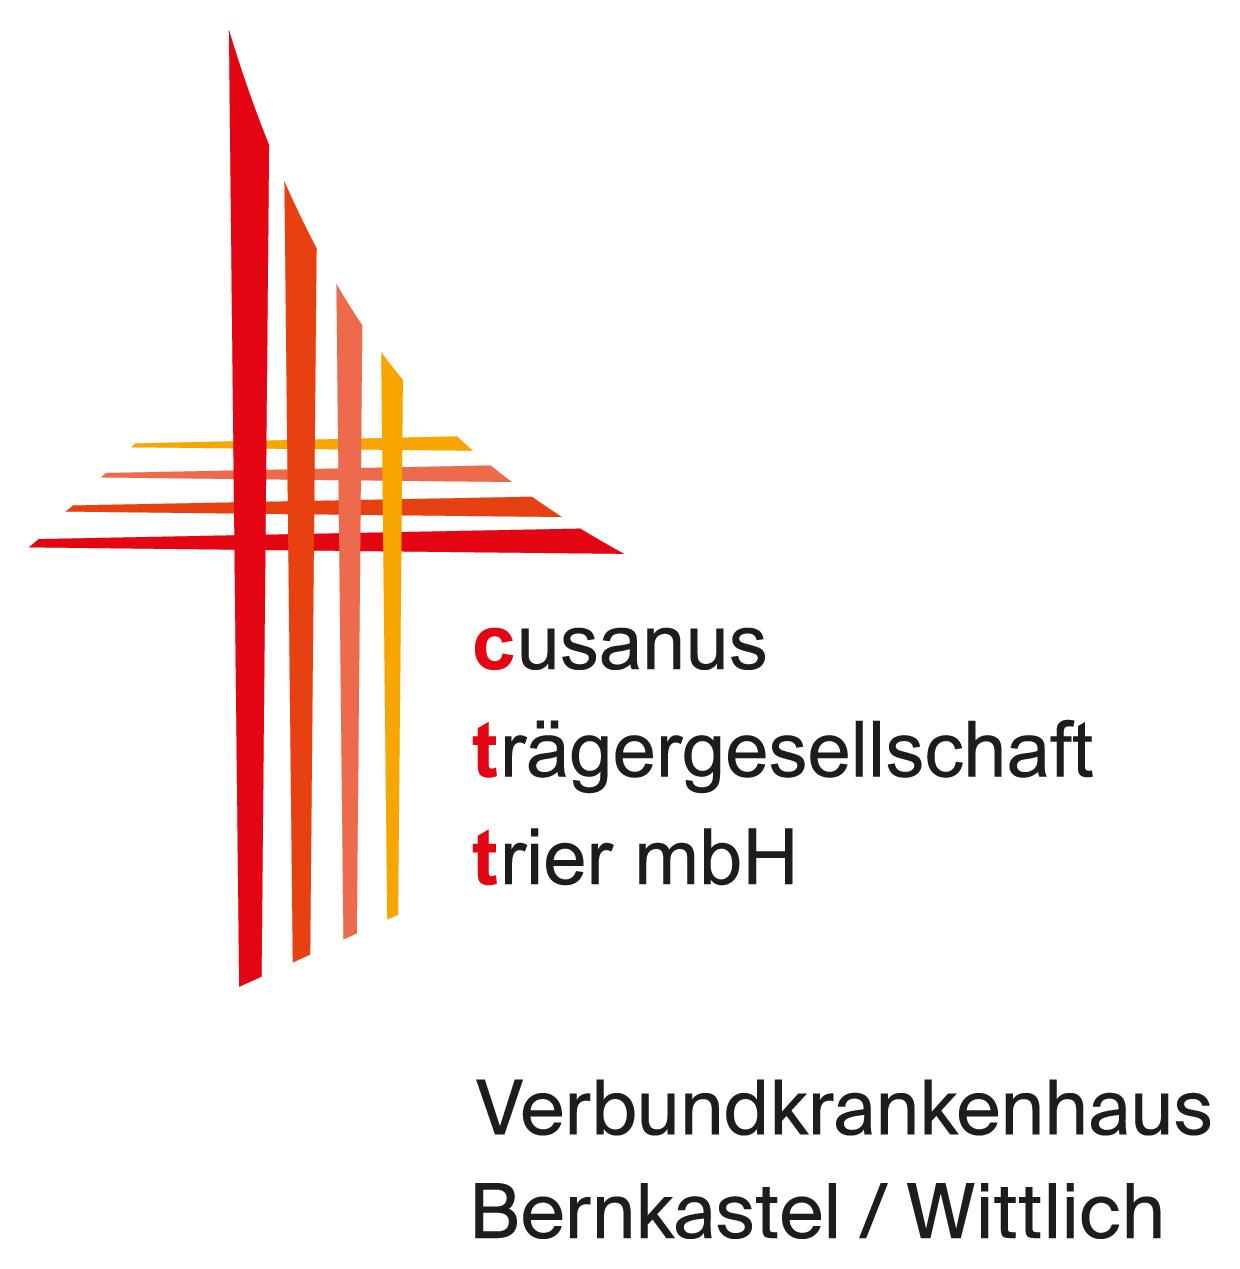 Verbundkrankenhaus Bernkastel/Wittlich